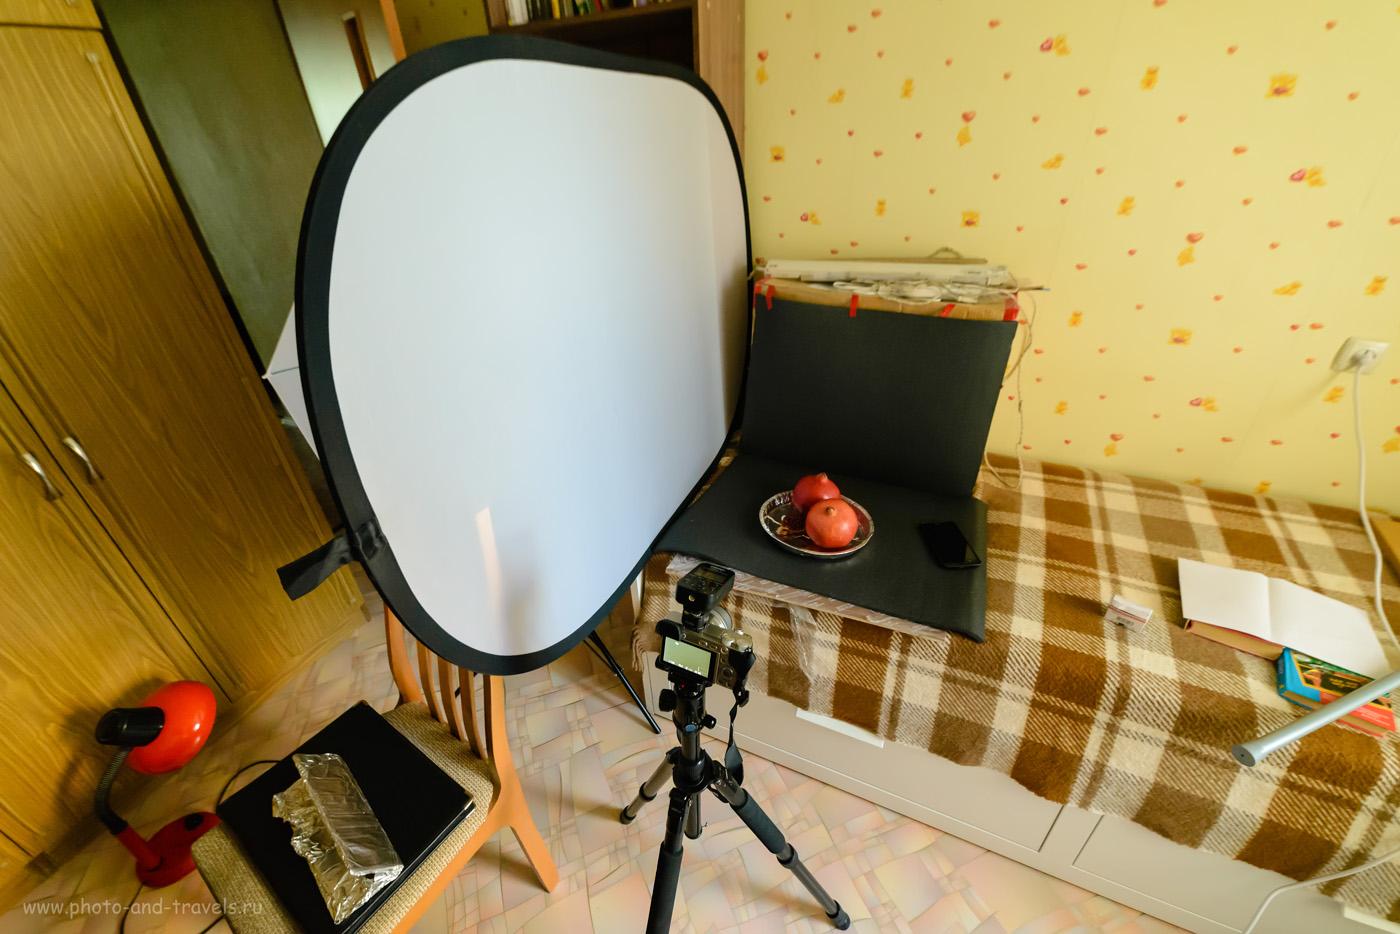 Фотография 15. Использование фрост-рамы для рассеивания студийного света. Учимся снимать натюрморт со вспышкой на беззеркальный фотоаппарат Sony A6000 KIT 16-50mm f/3.5-5.6. На снимке на беззеркалку установлен радиосинхронизатор Yongnuo YN-622N-TX. Параметры съемки: 1/20, 5.6, 6400, 14.